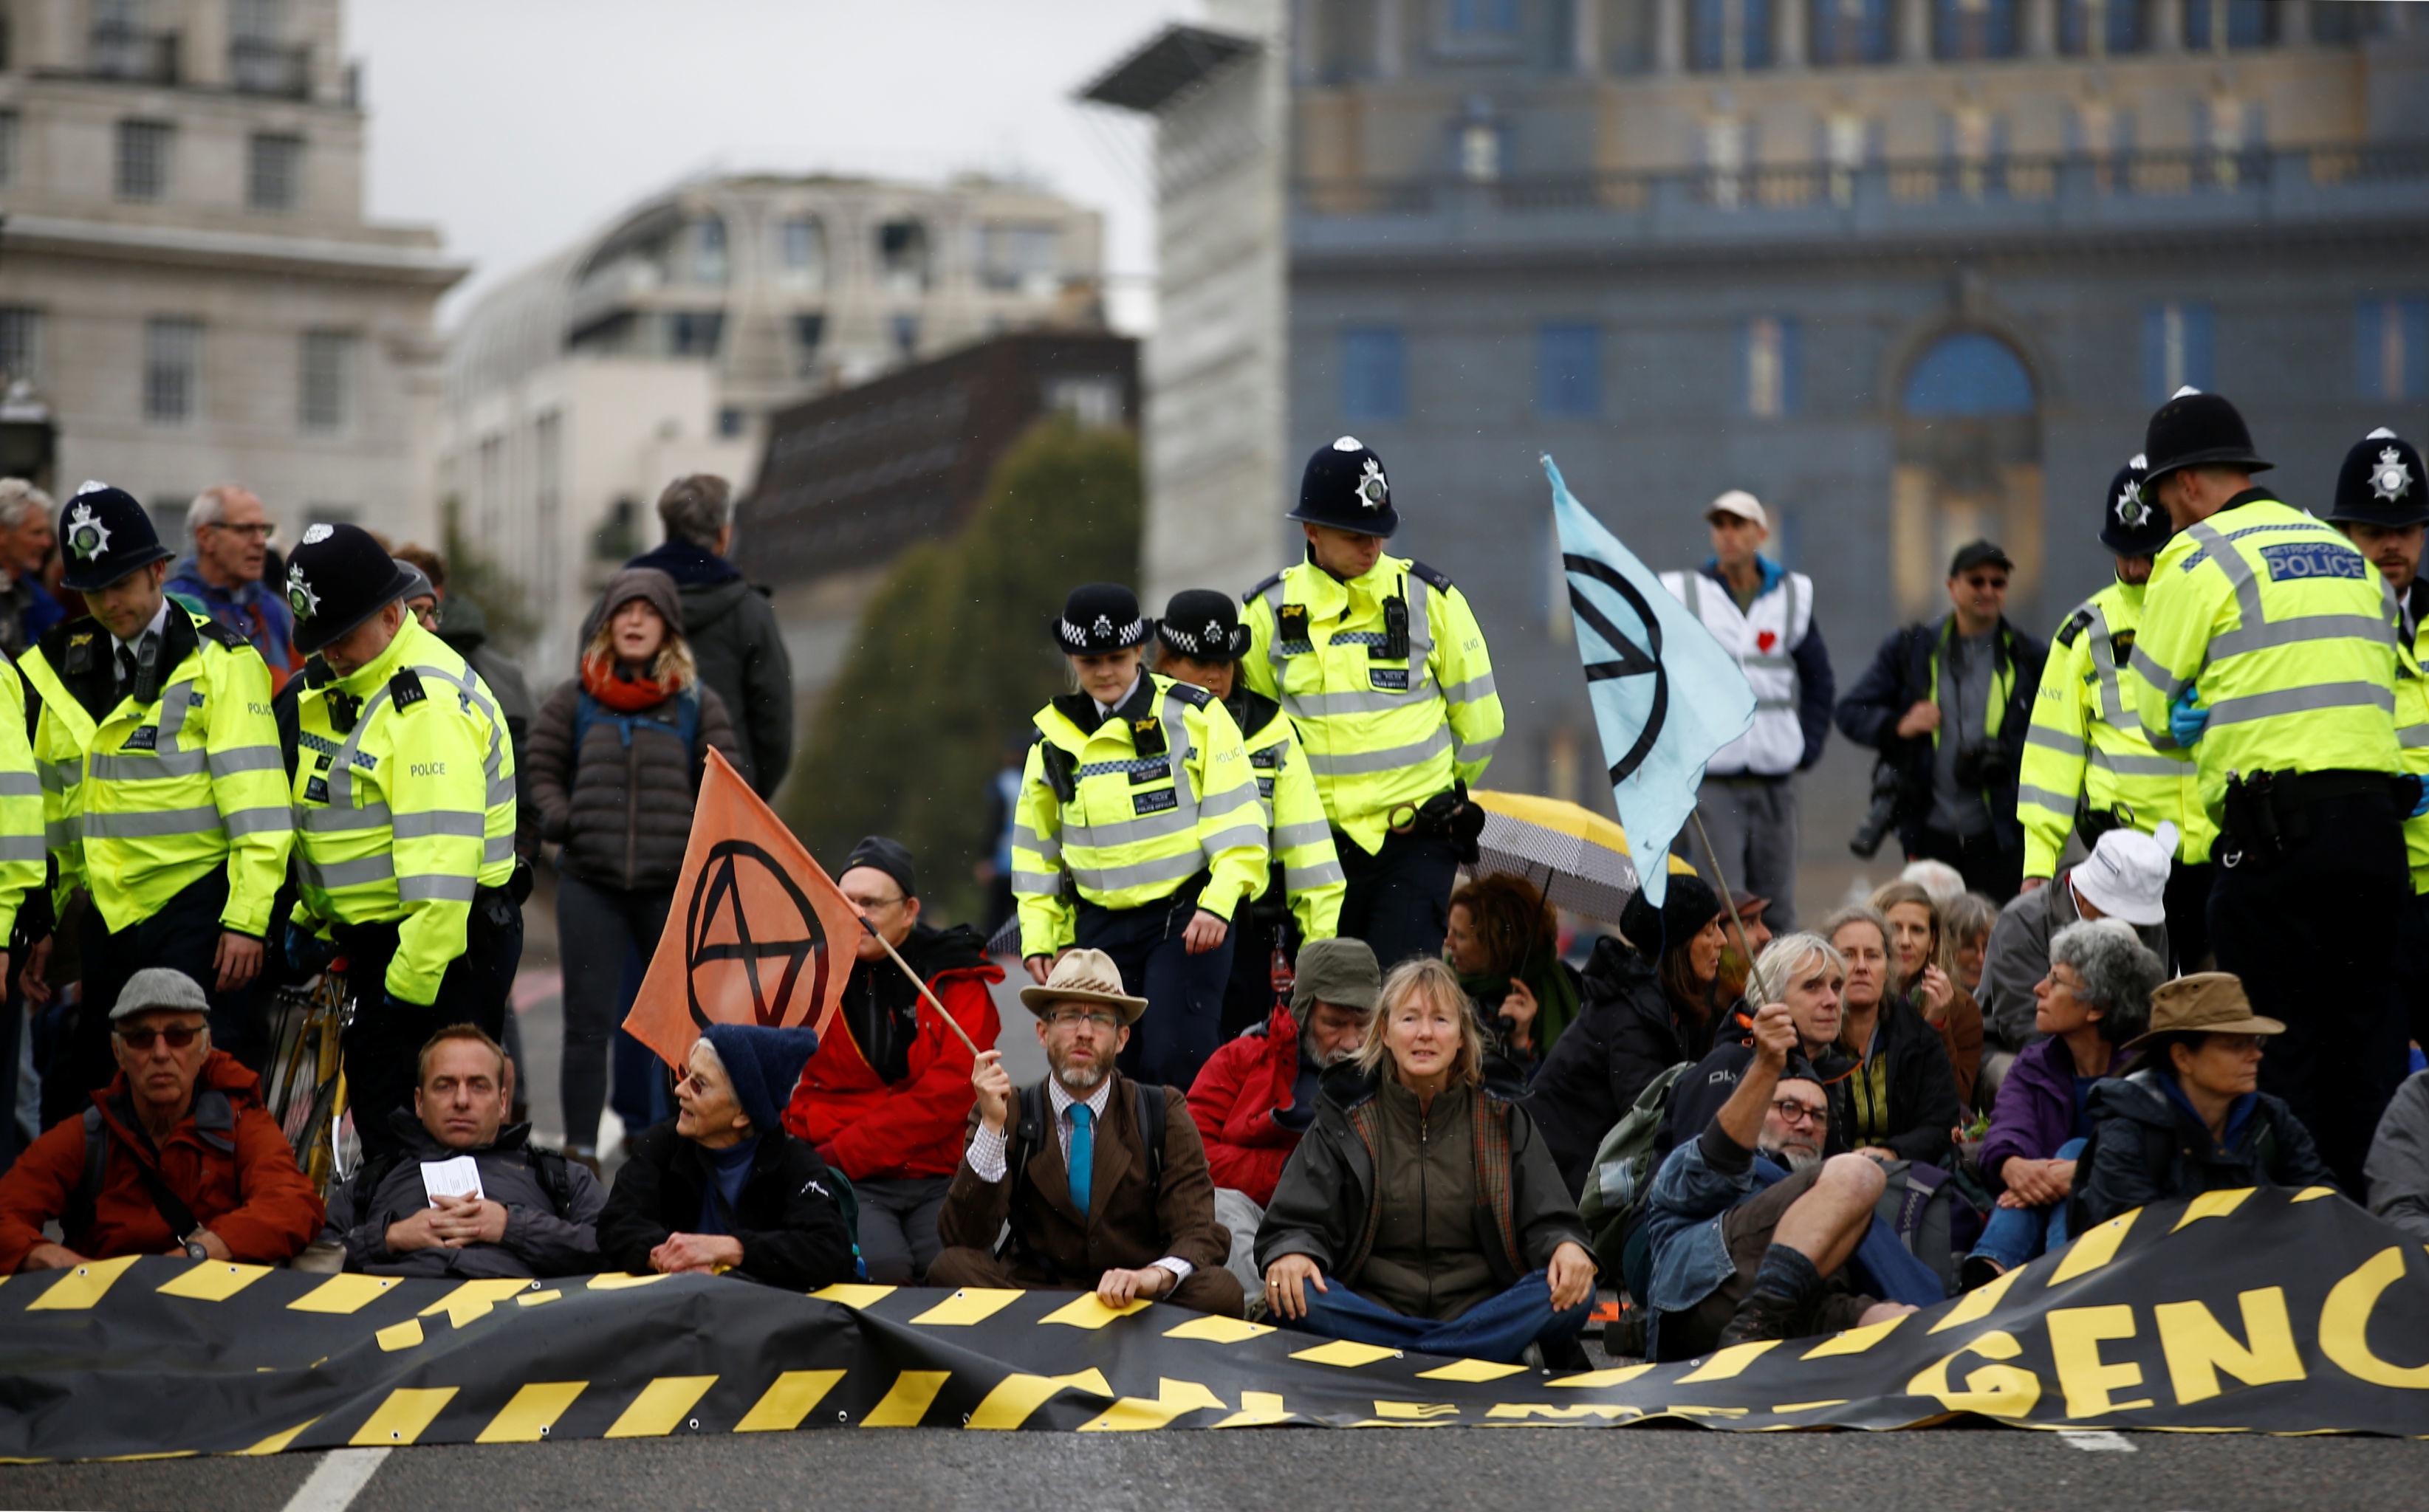 Activists block Lambeth Bridge during the Extinction Rebellion protest in London, Britain October 7, 2019